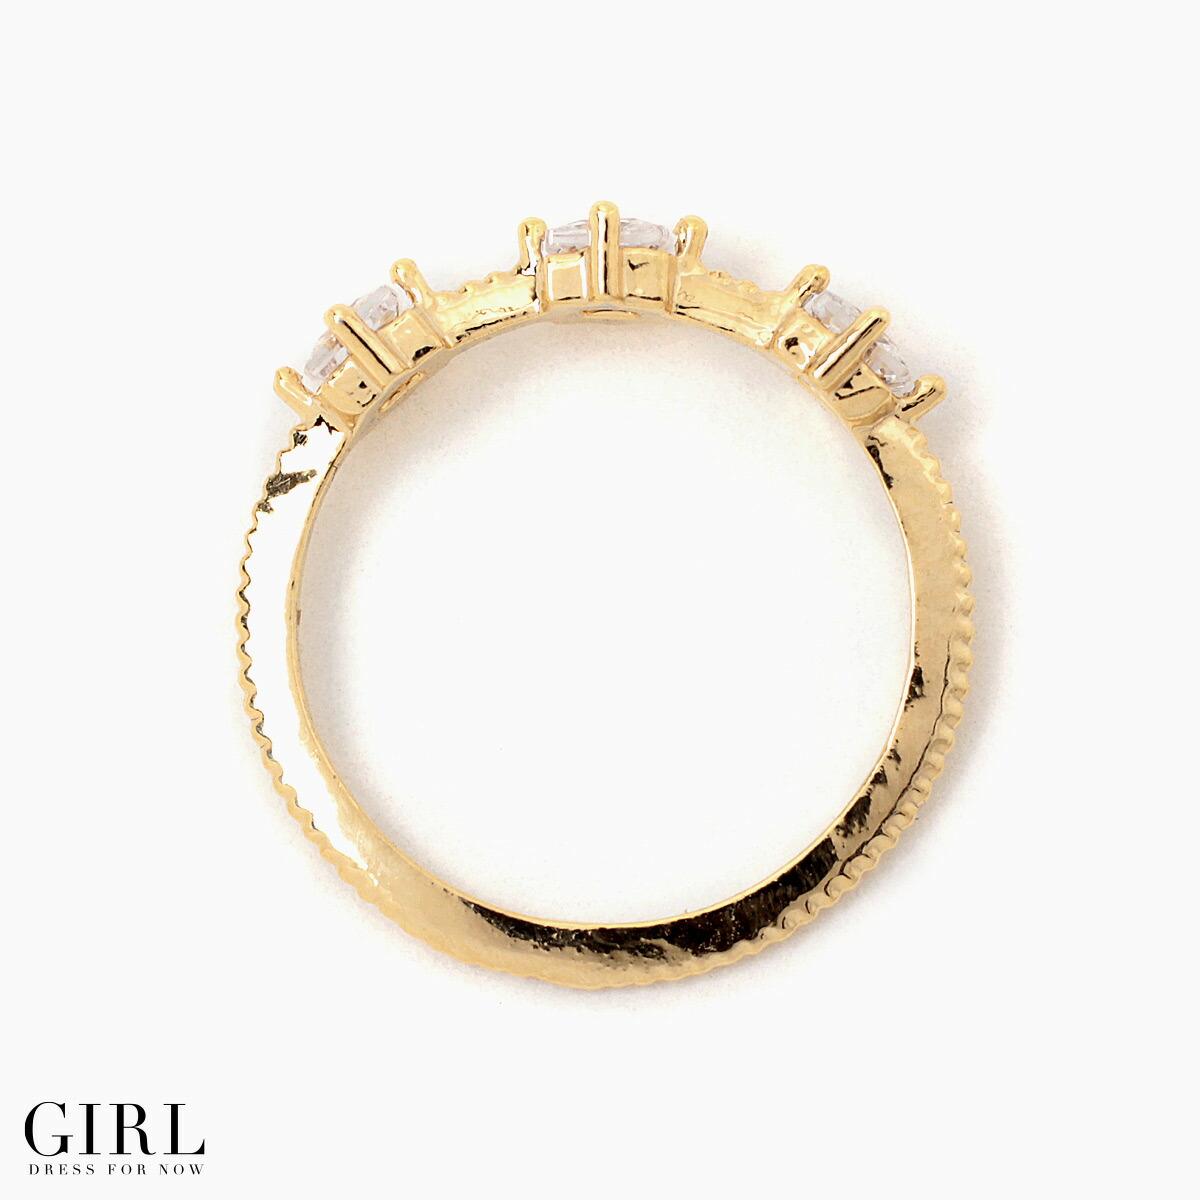 Dress Shop GIRL: Skeavijousimple Ring Bijou Wedding Rings